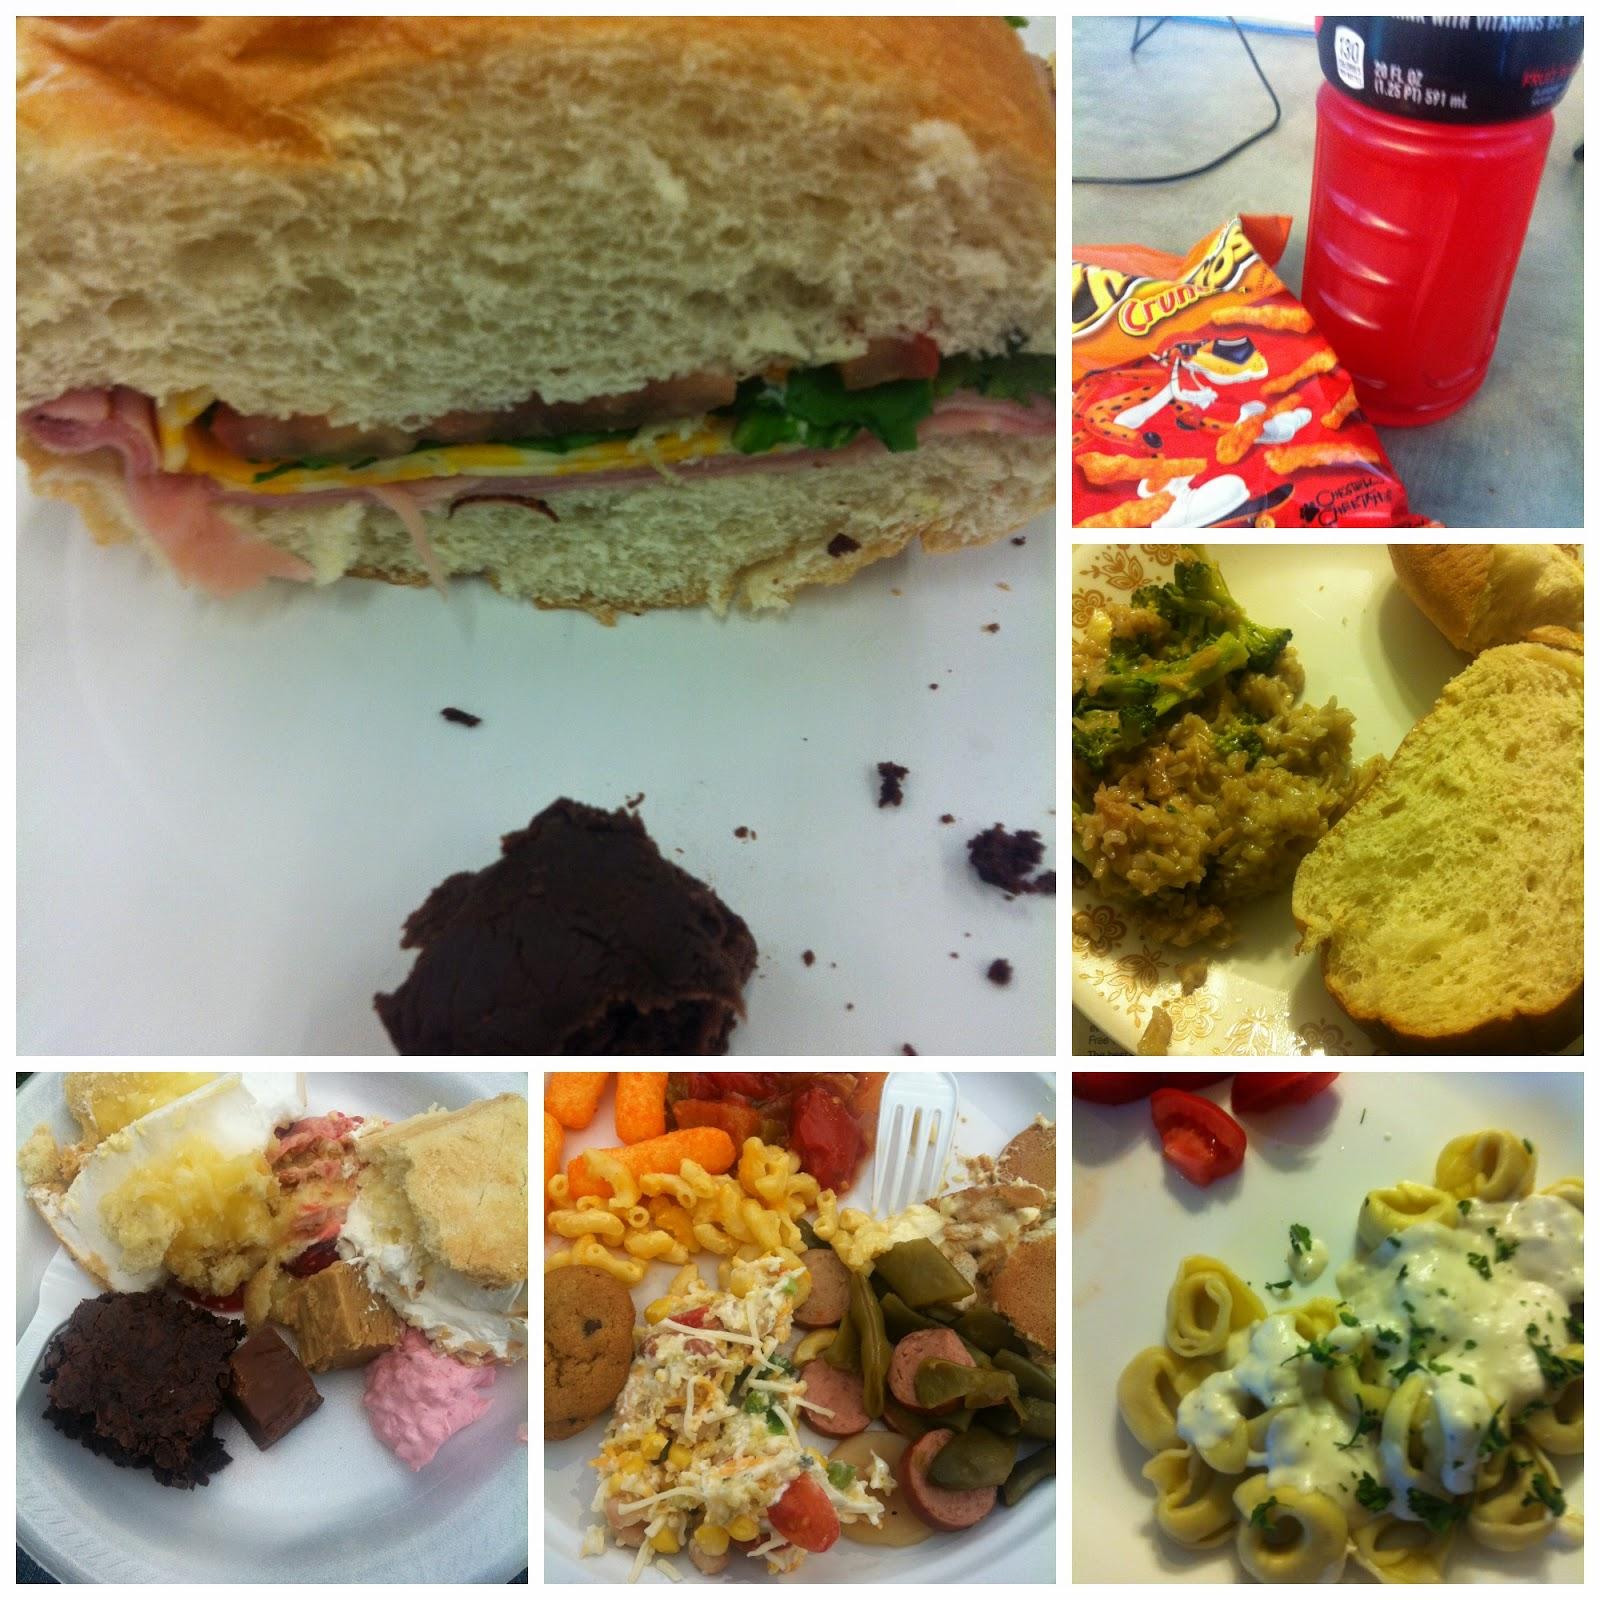 stolen-food-from-school